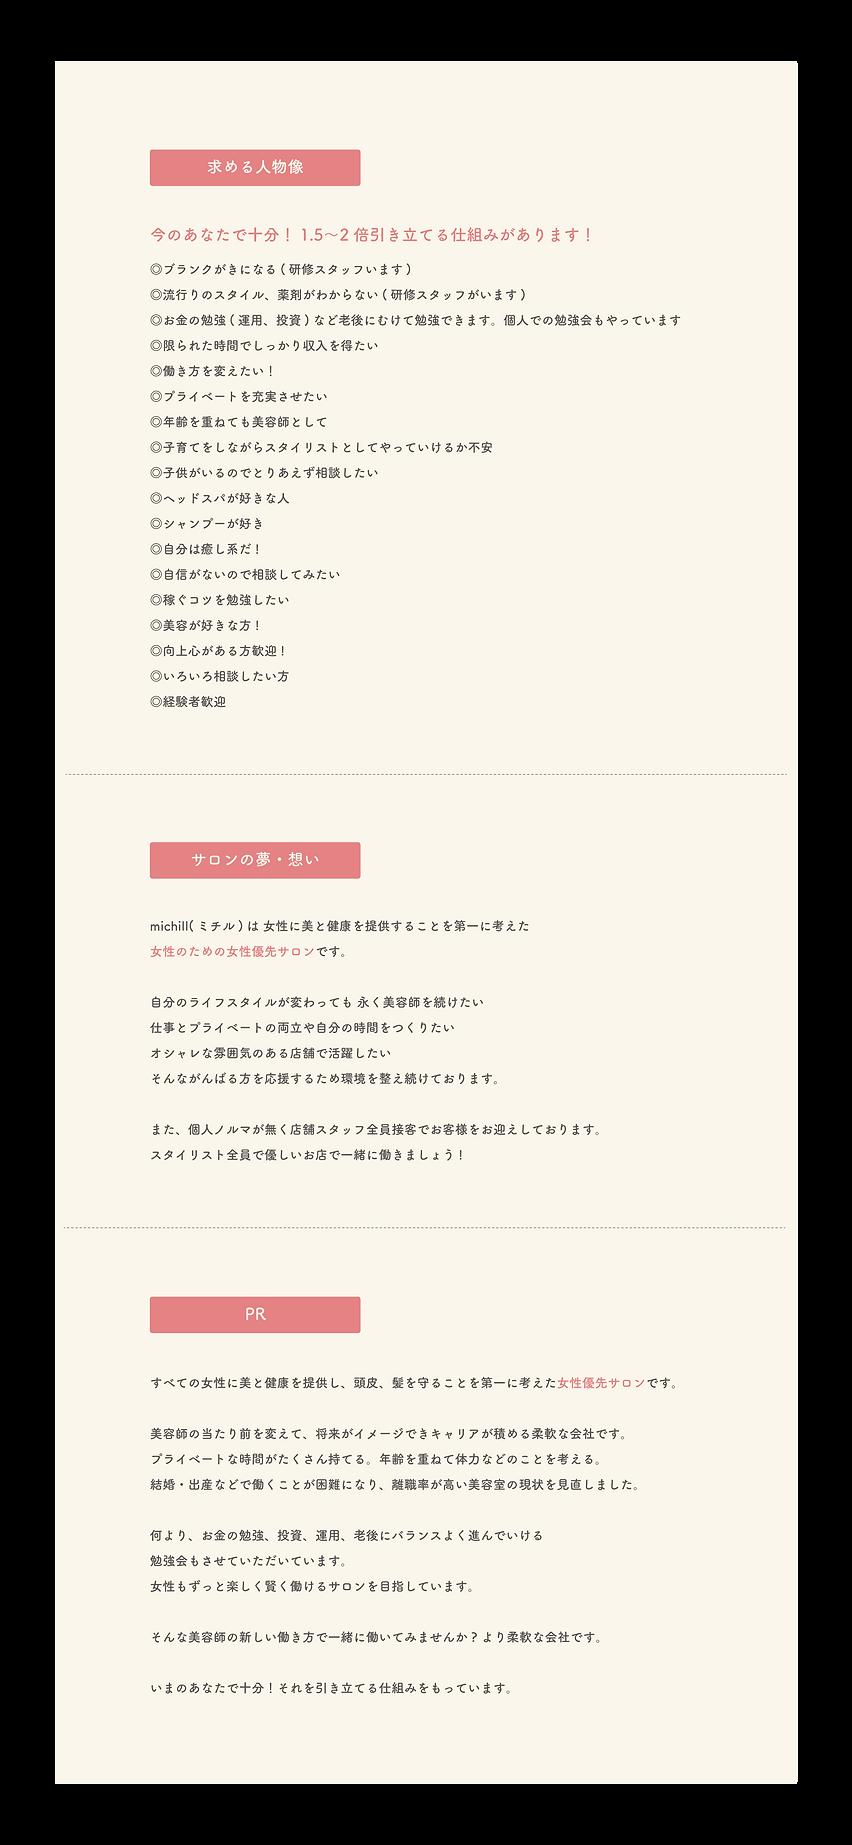 michill_募集要項01.png